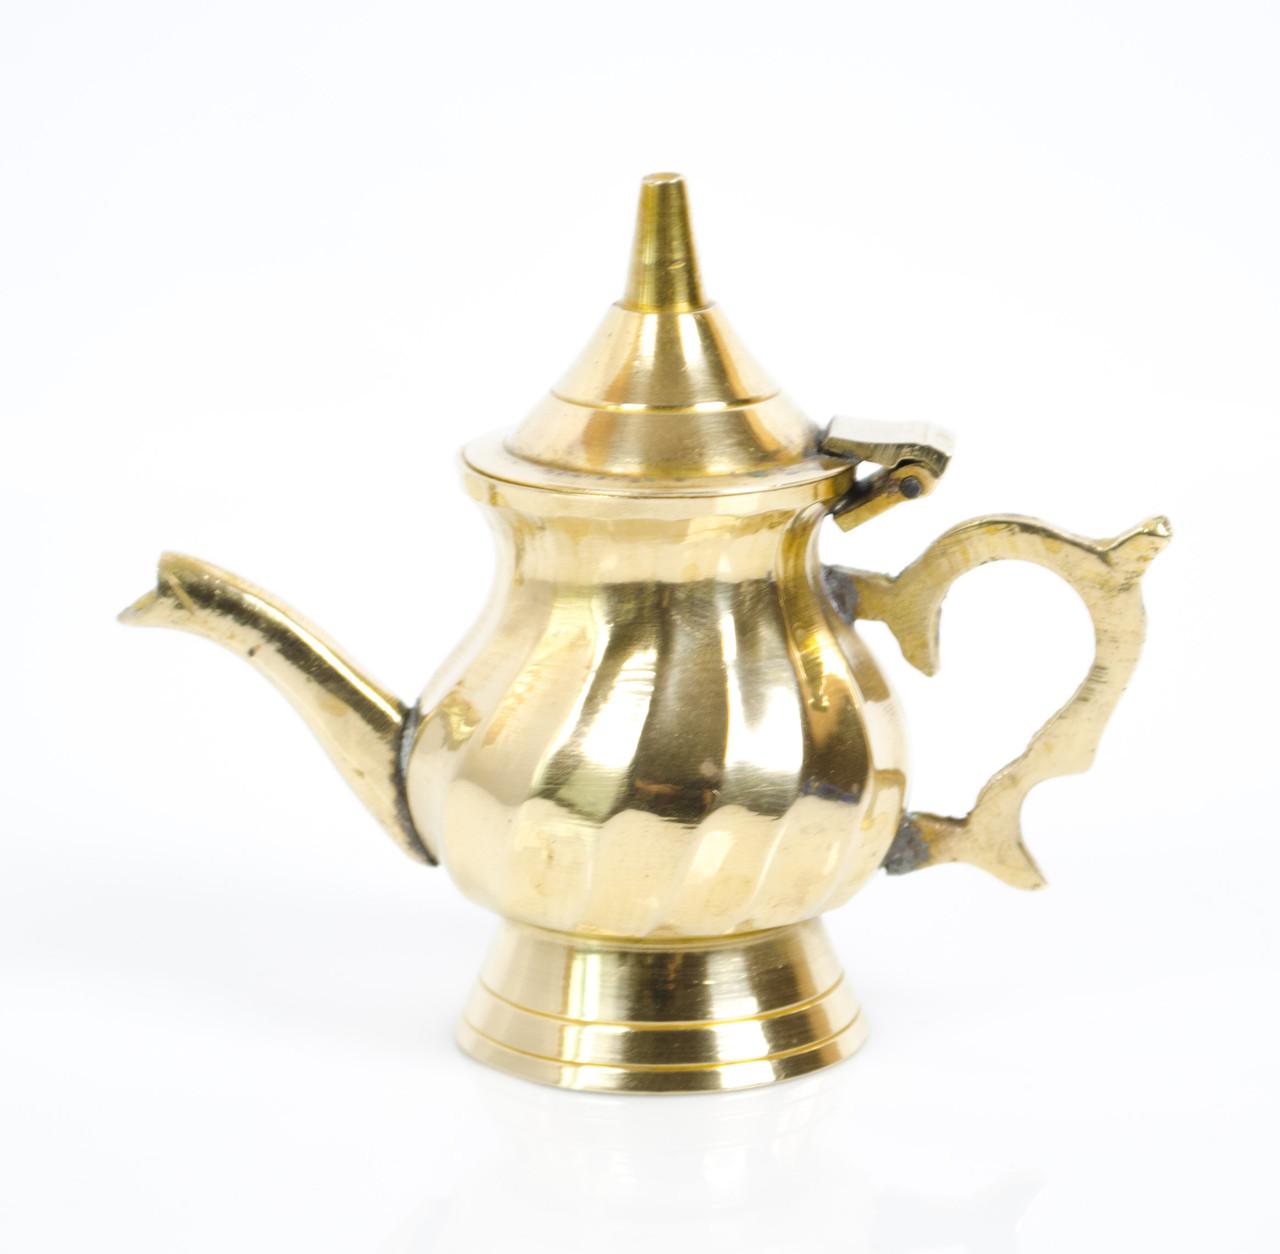 Коллекционный кофейник, миниатюра, латунь Англия